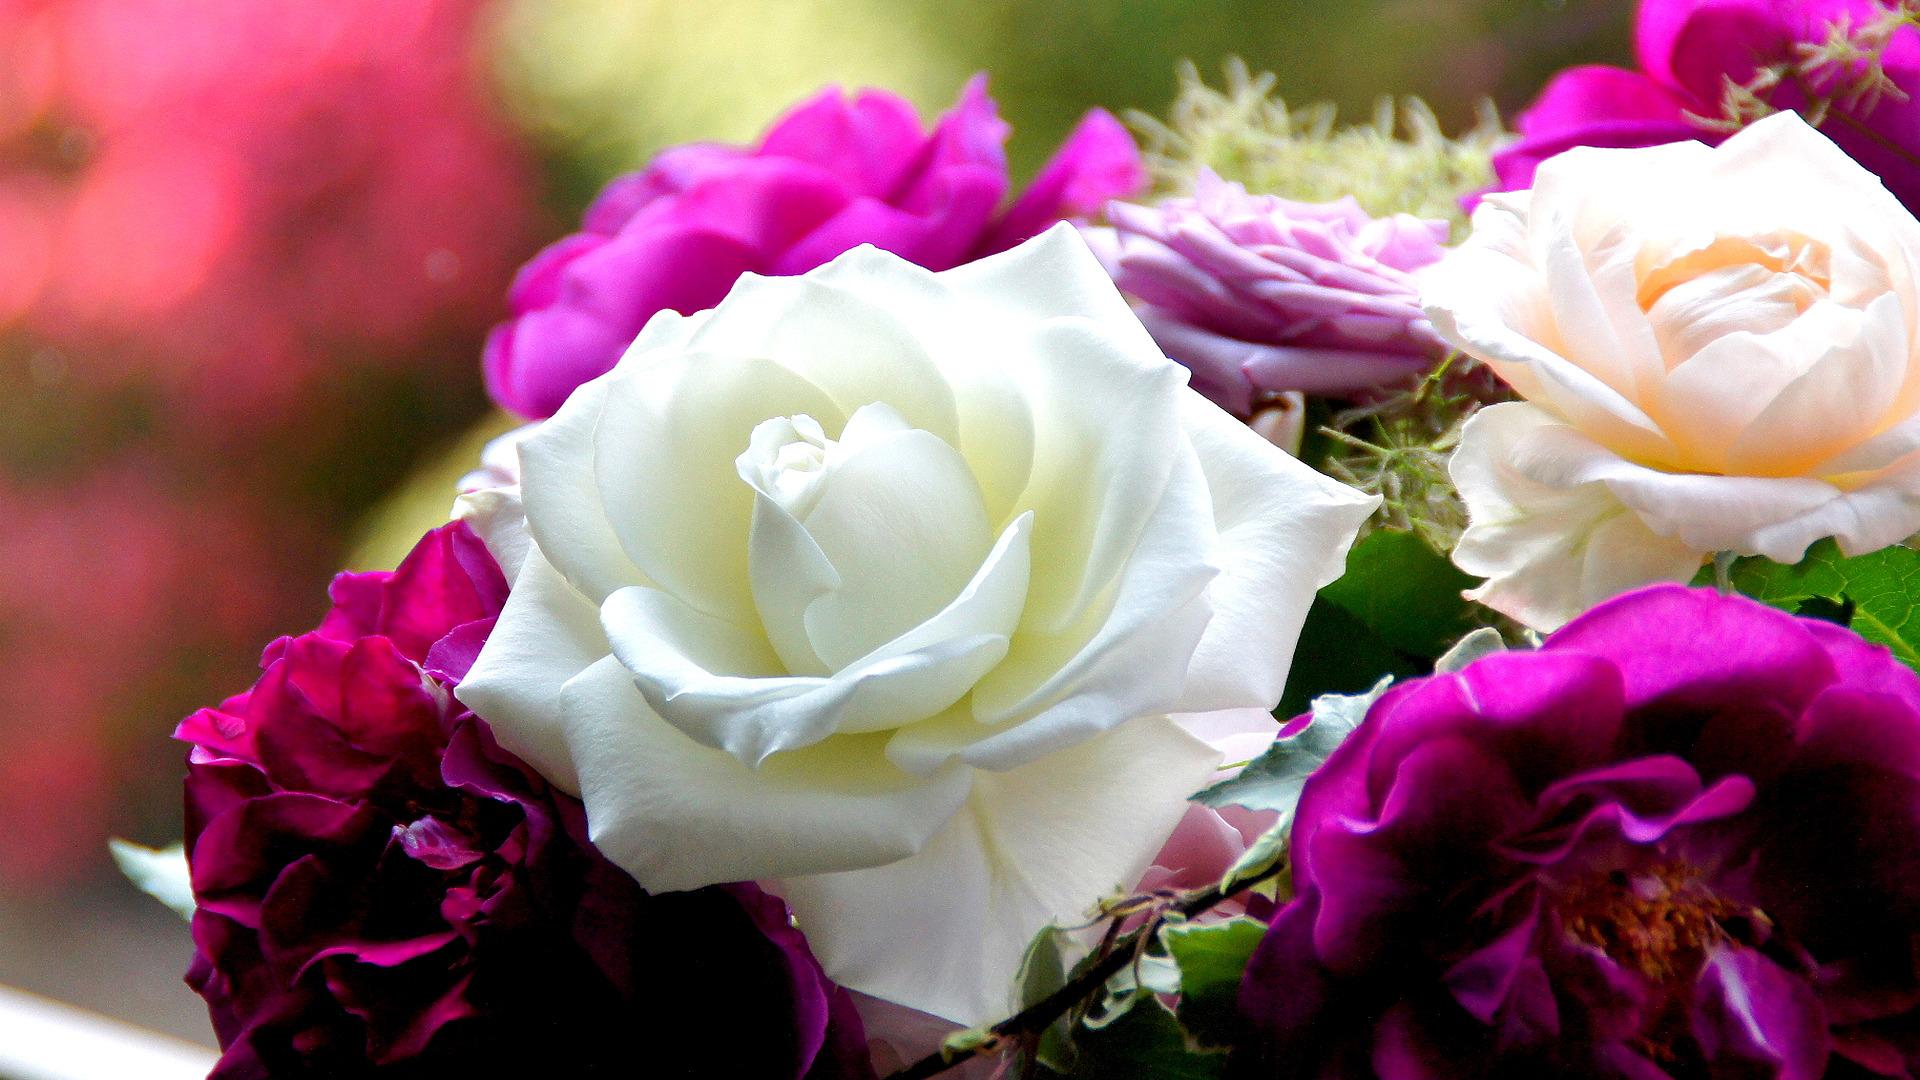 затем переделали красивые розы фотографии большие комплекте